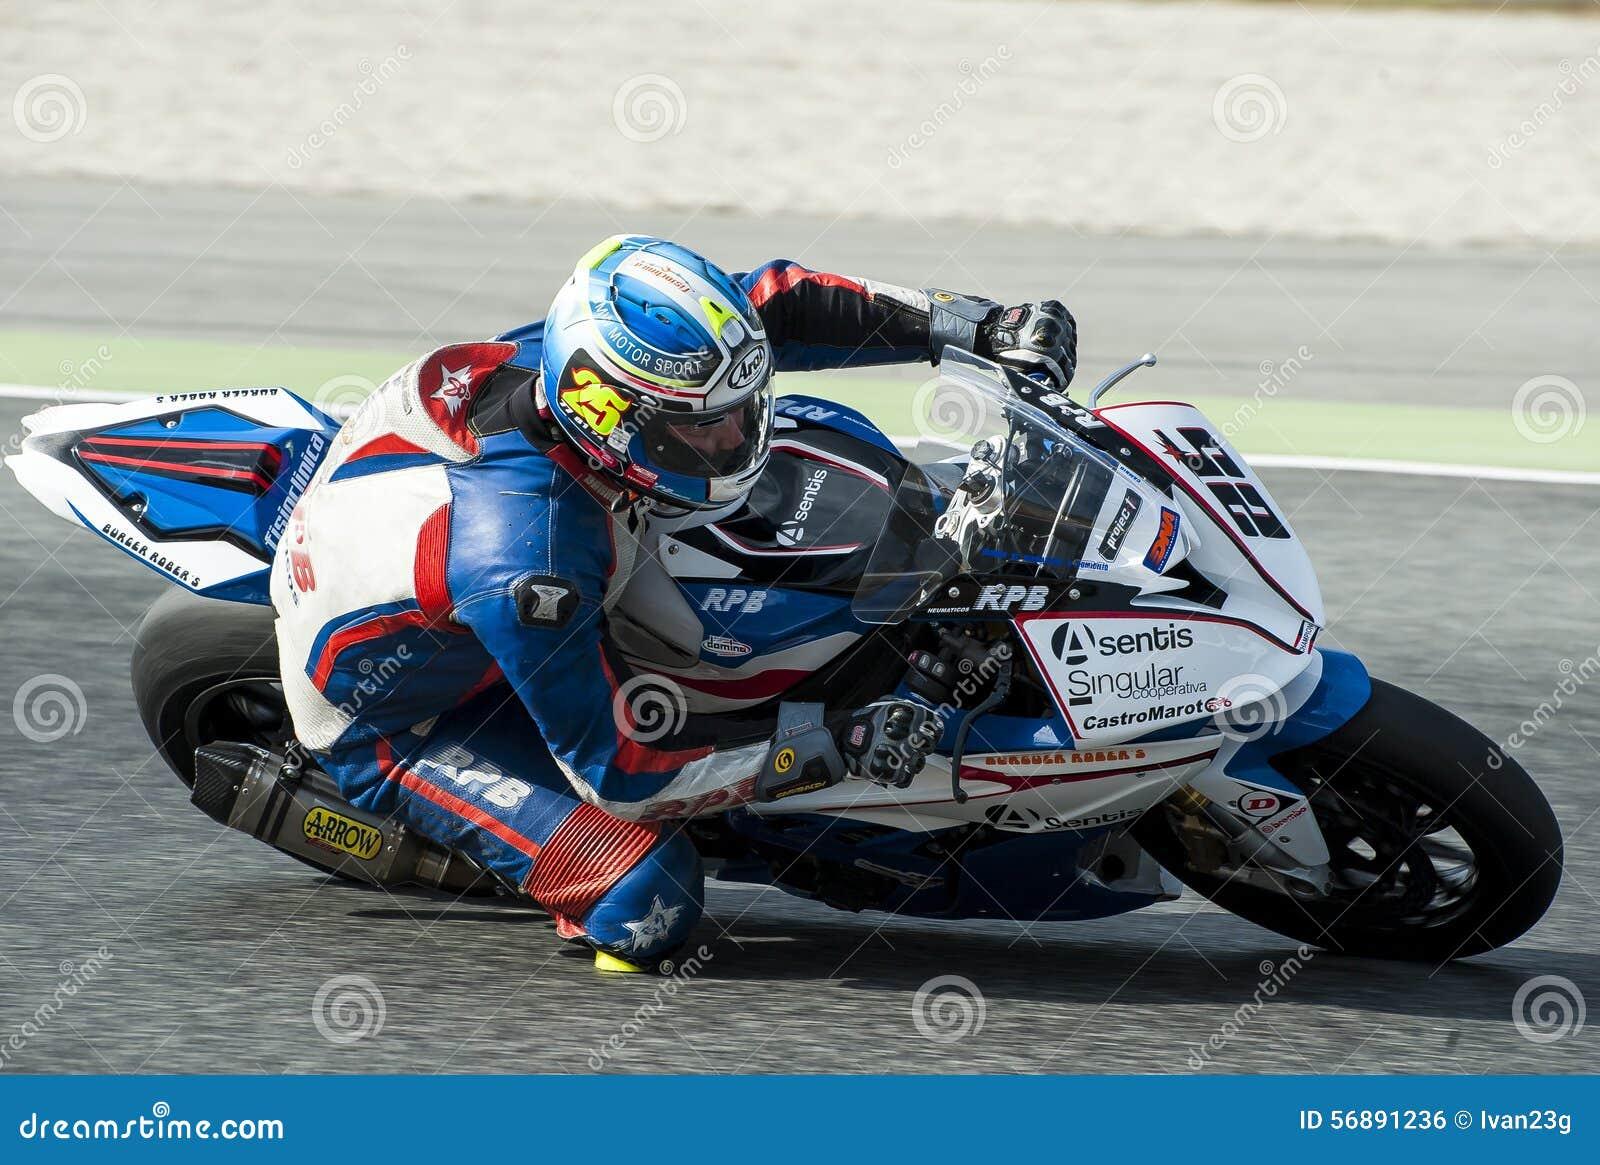 CAMPIONATO CATALANO DI MOTOCICLISMO - ROBERTO BLAZQUEZ